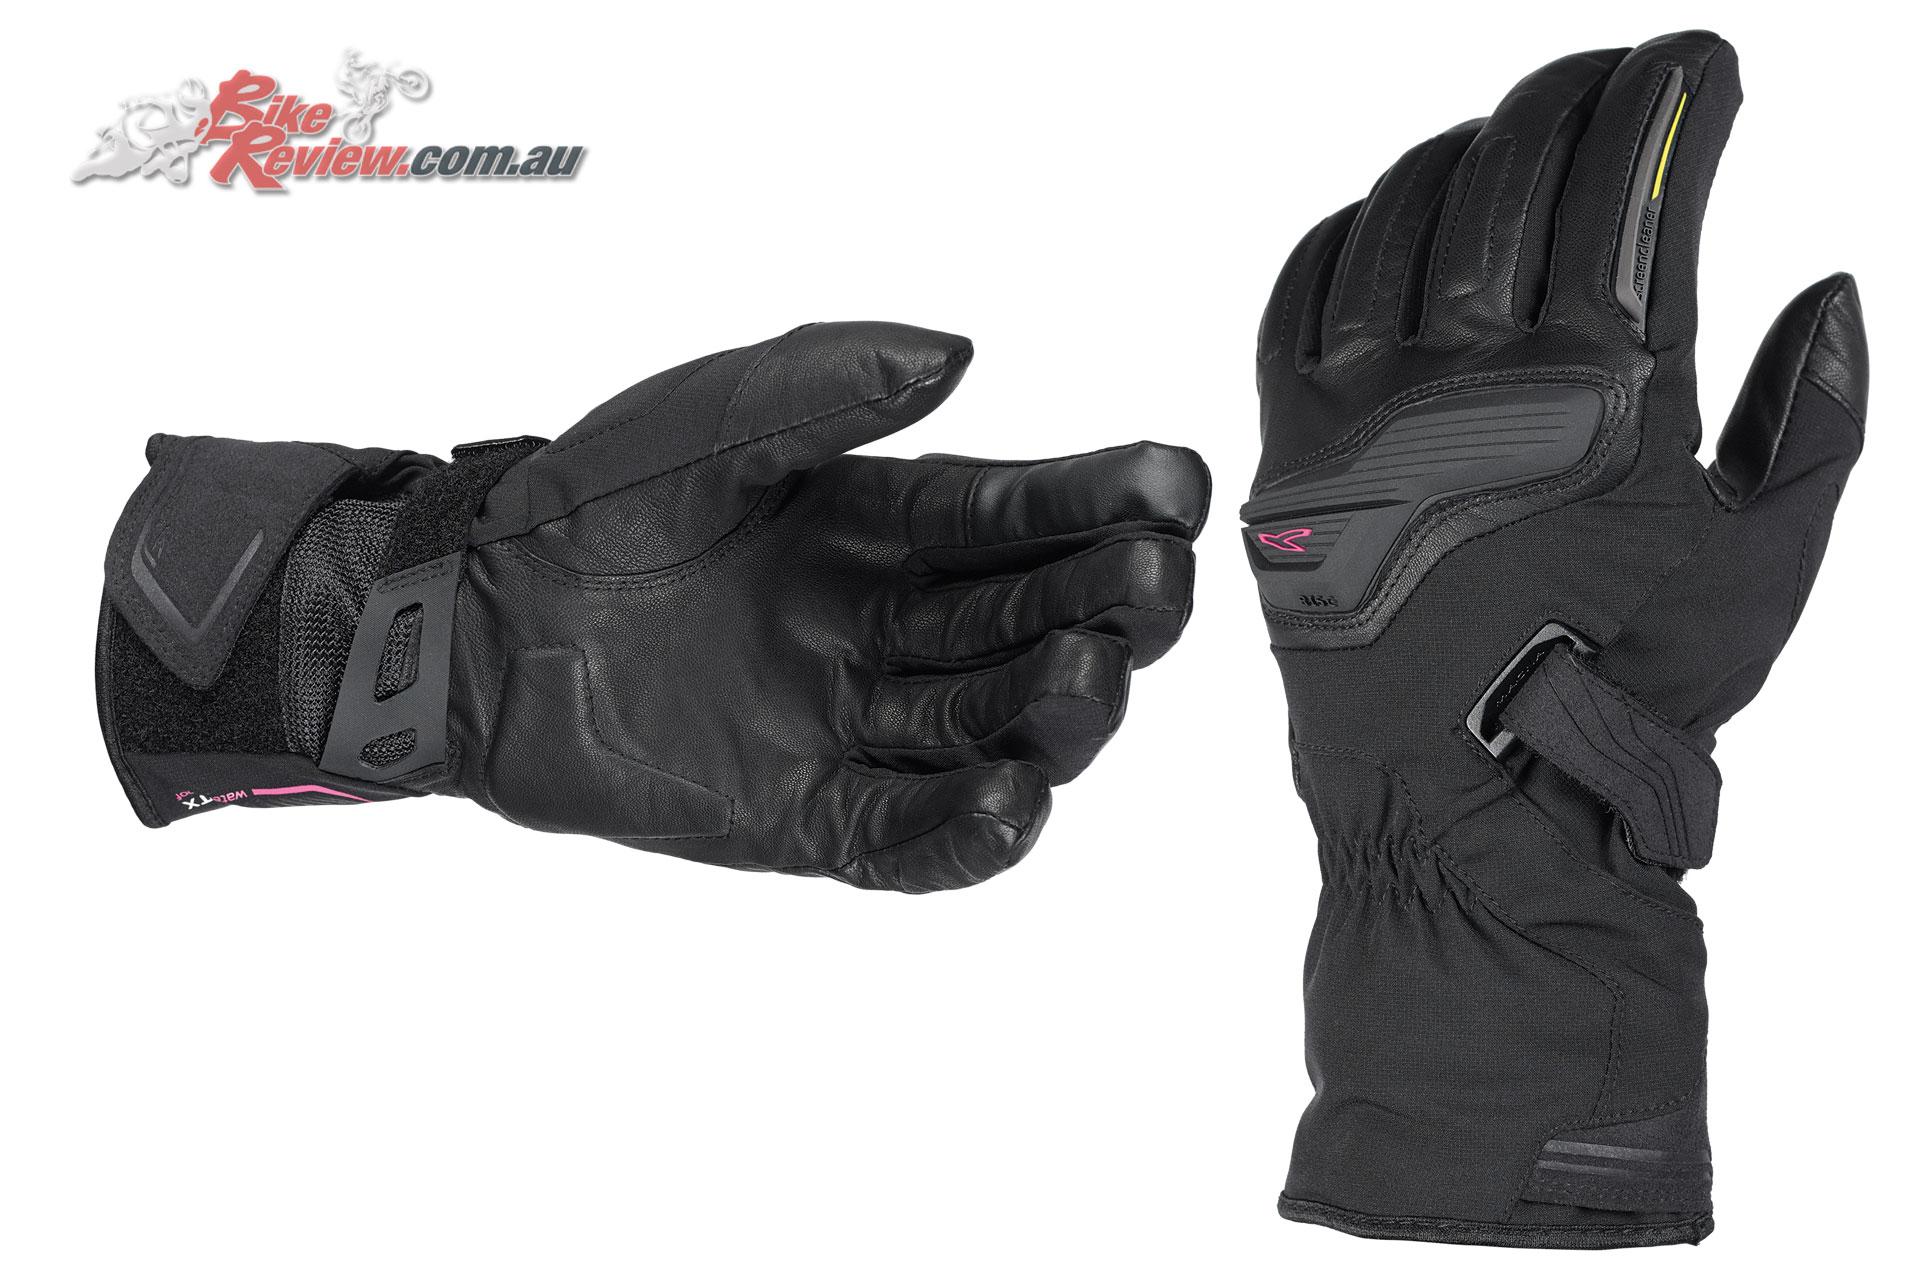 Macna Ladies Zircon Gloves - $149.95 RRP